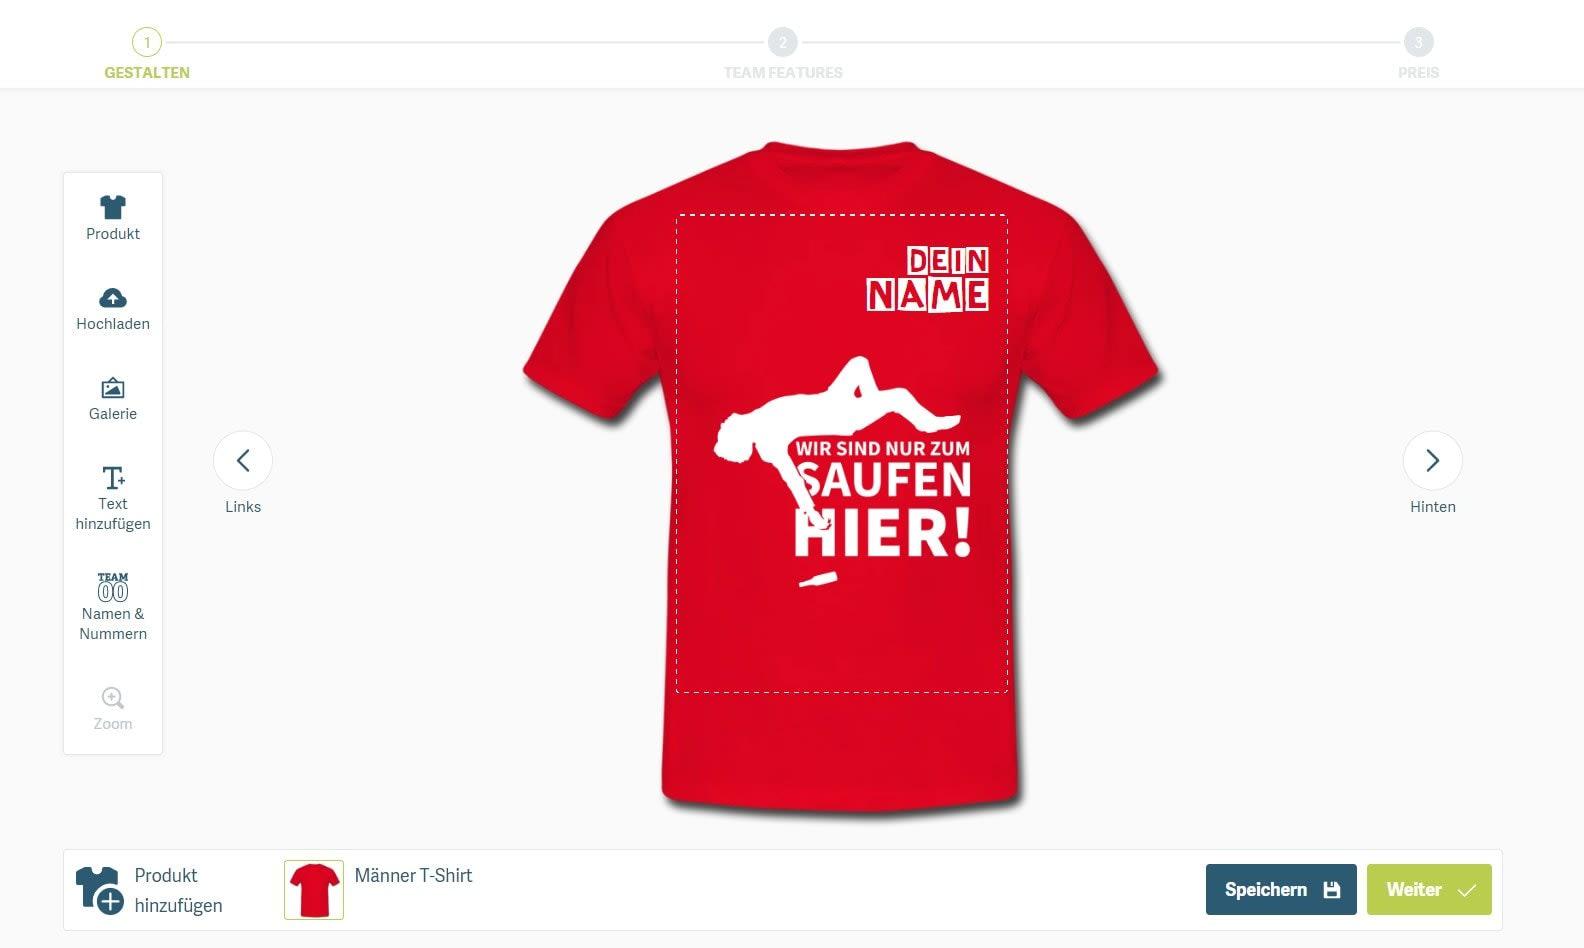 Malle-Shirt mit eigenen Namen selbst gestalten